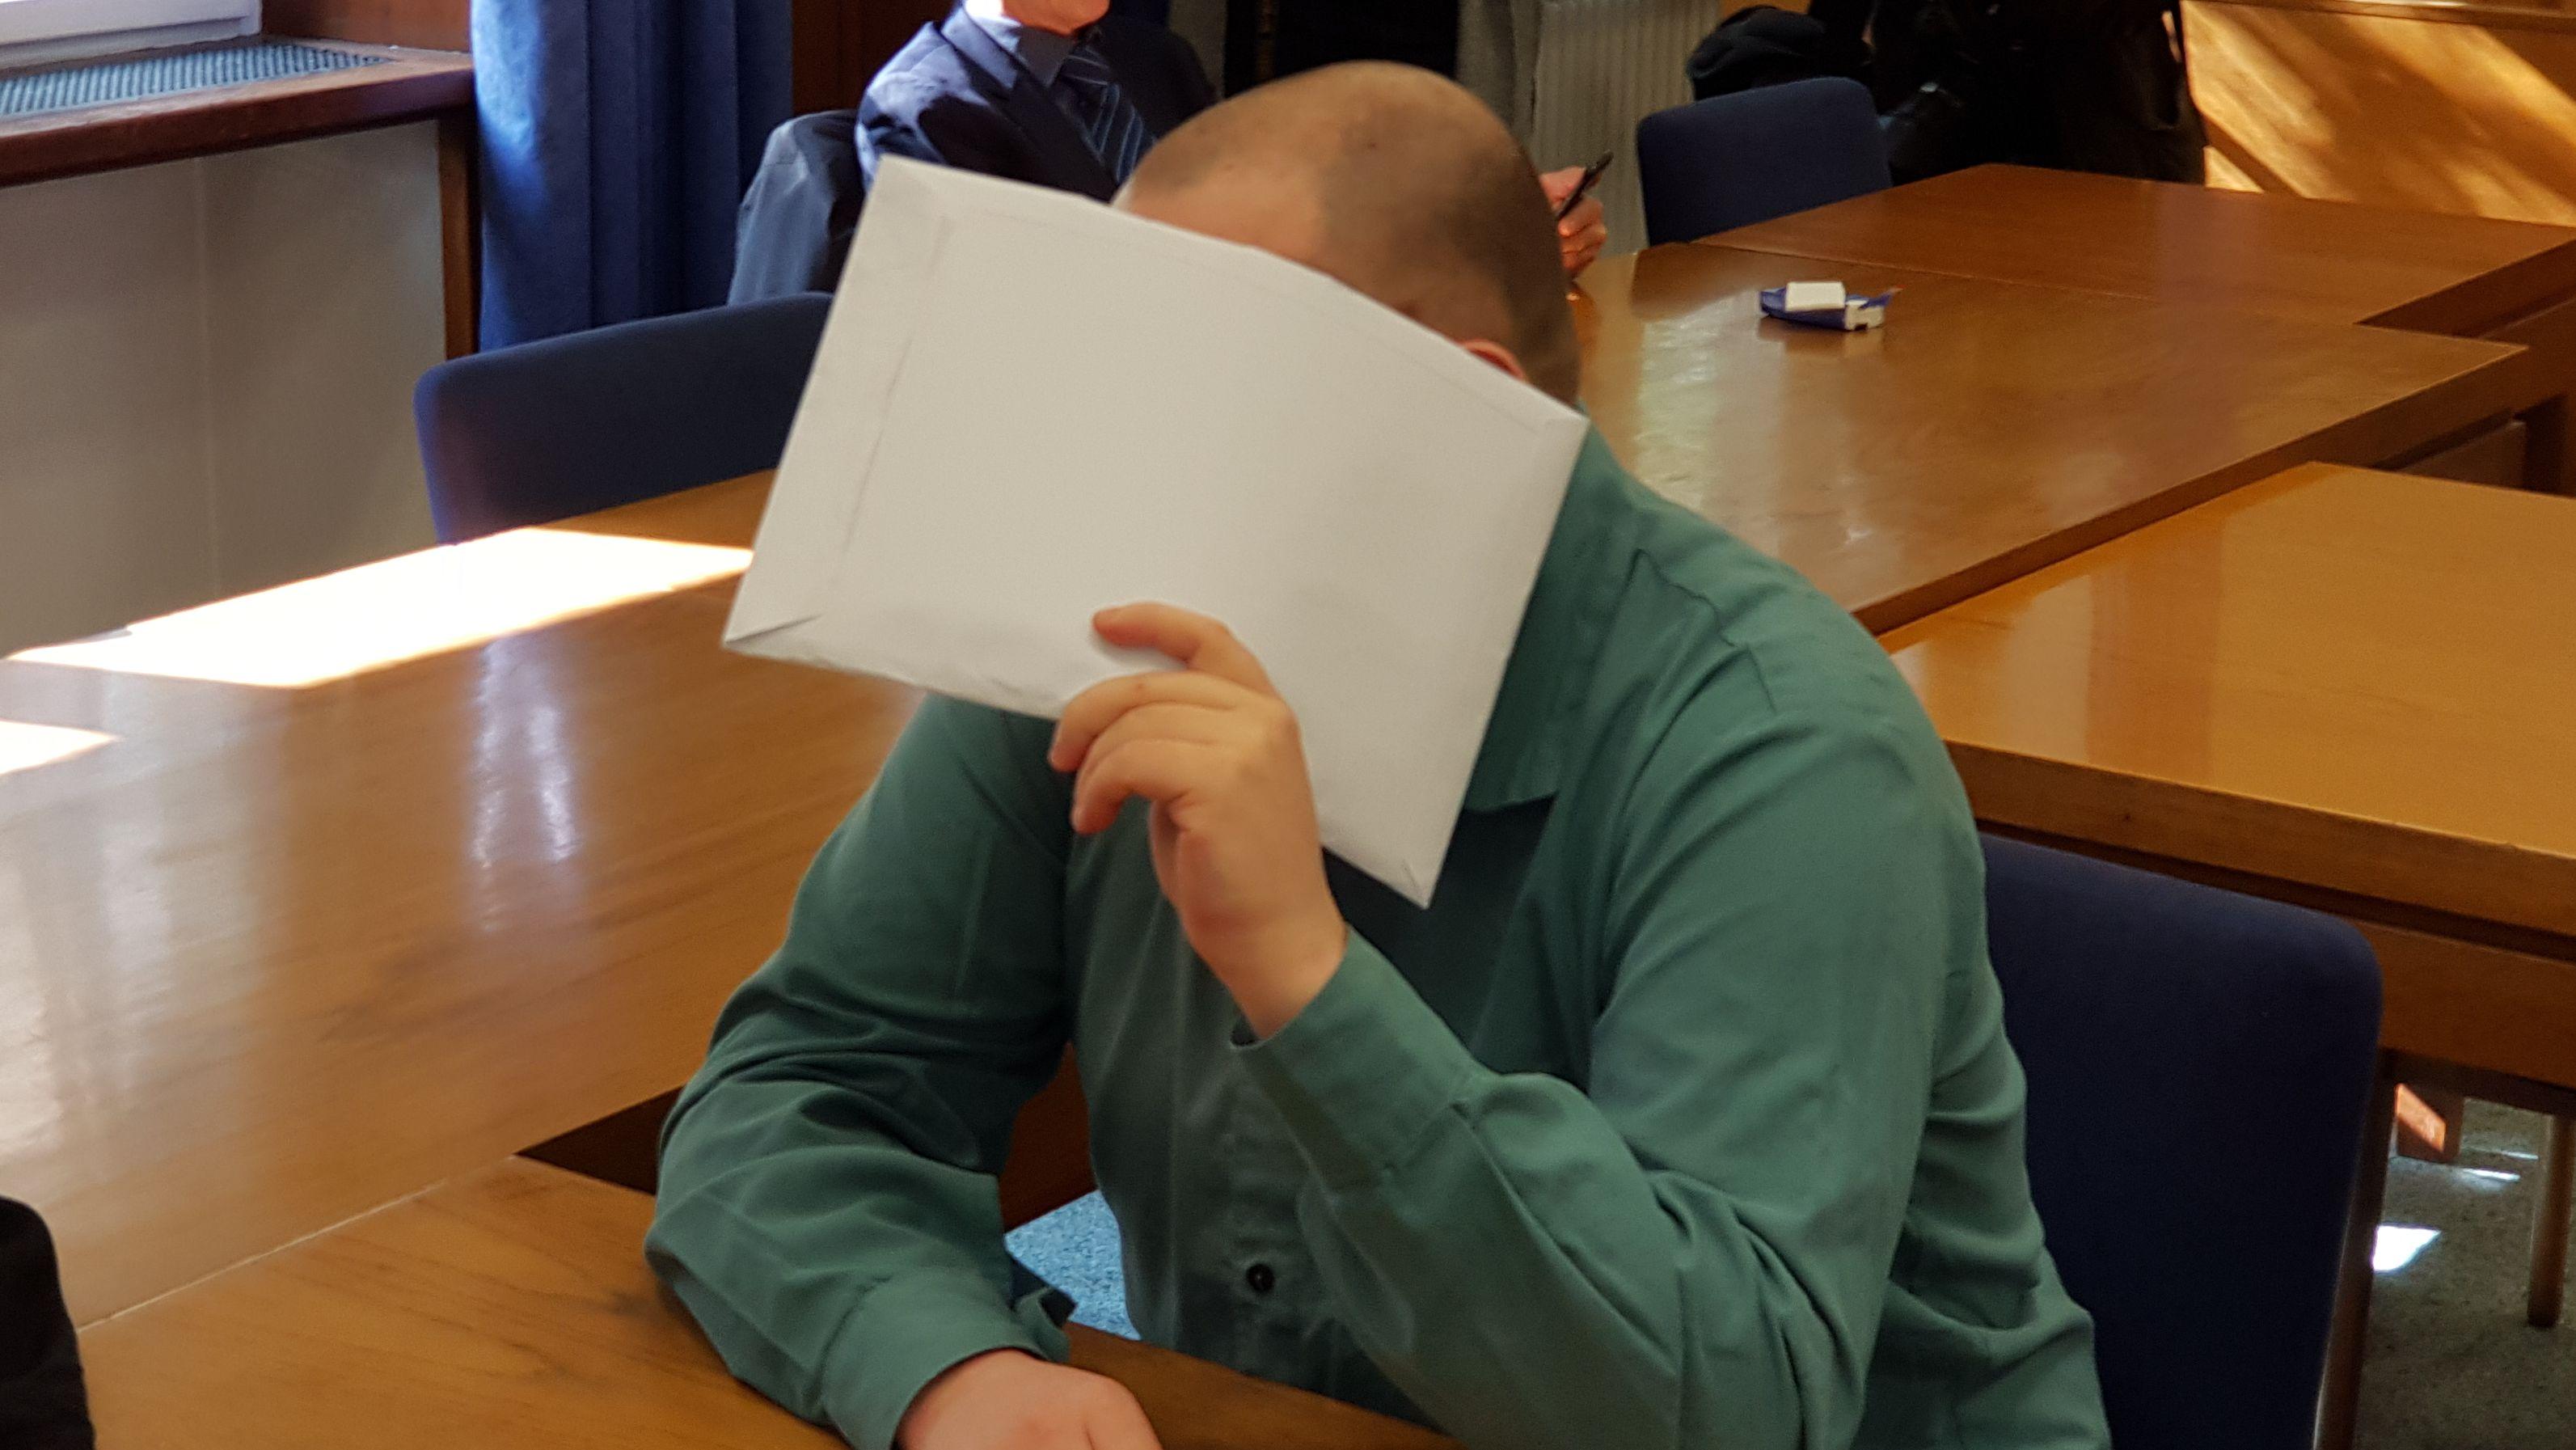 Landgericht Nürnberg-Fürth: Prozessbeginn gegen den inhaftierten Prostituiertenmörder, der eine Psychologin in seine Gewalt bringen wollte.